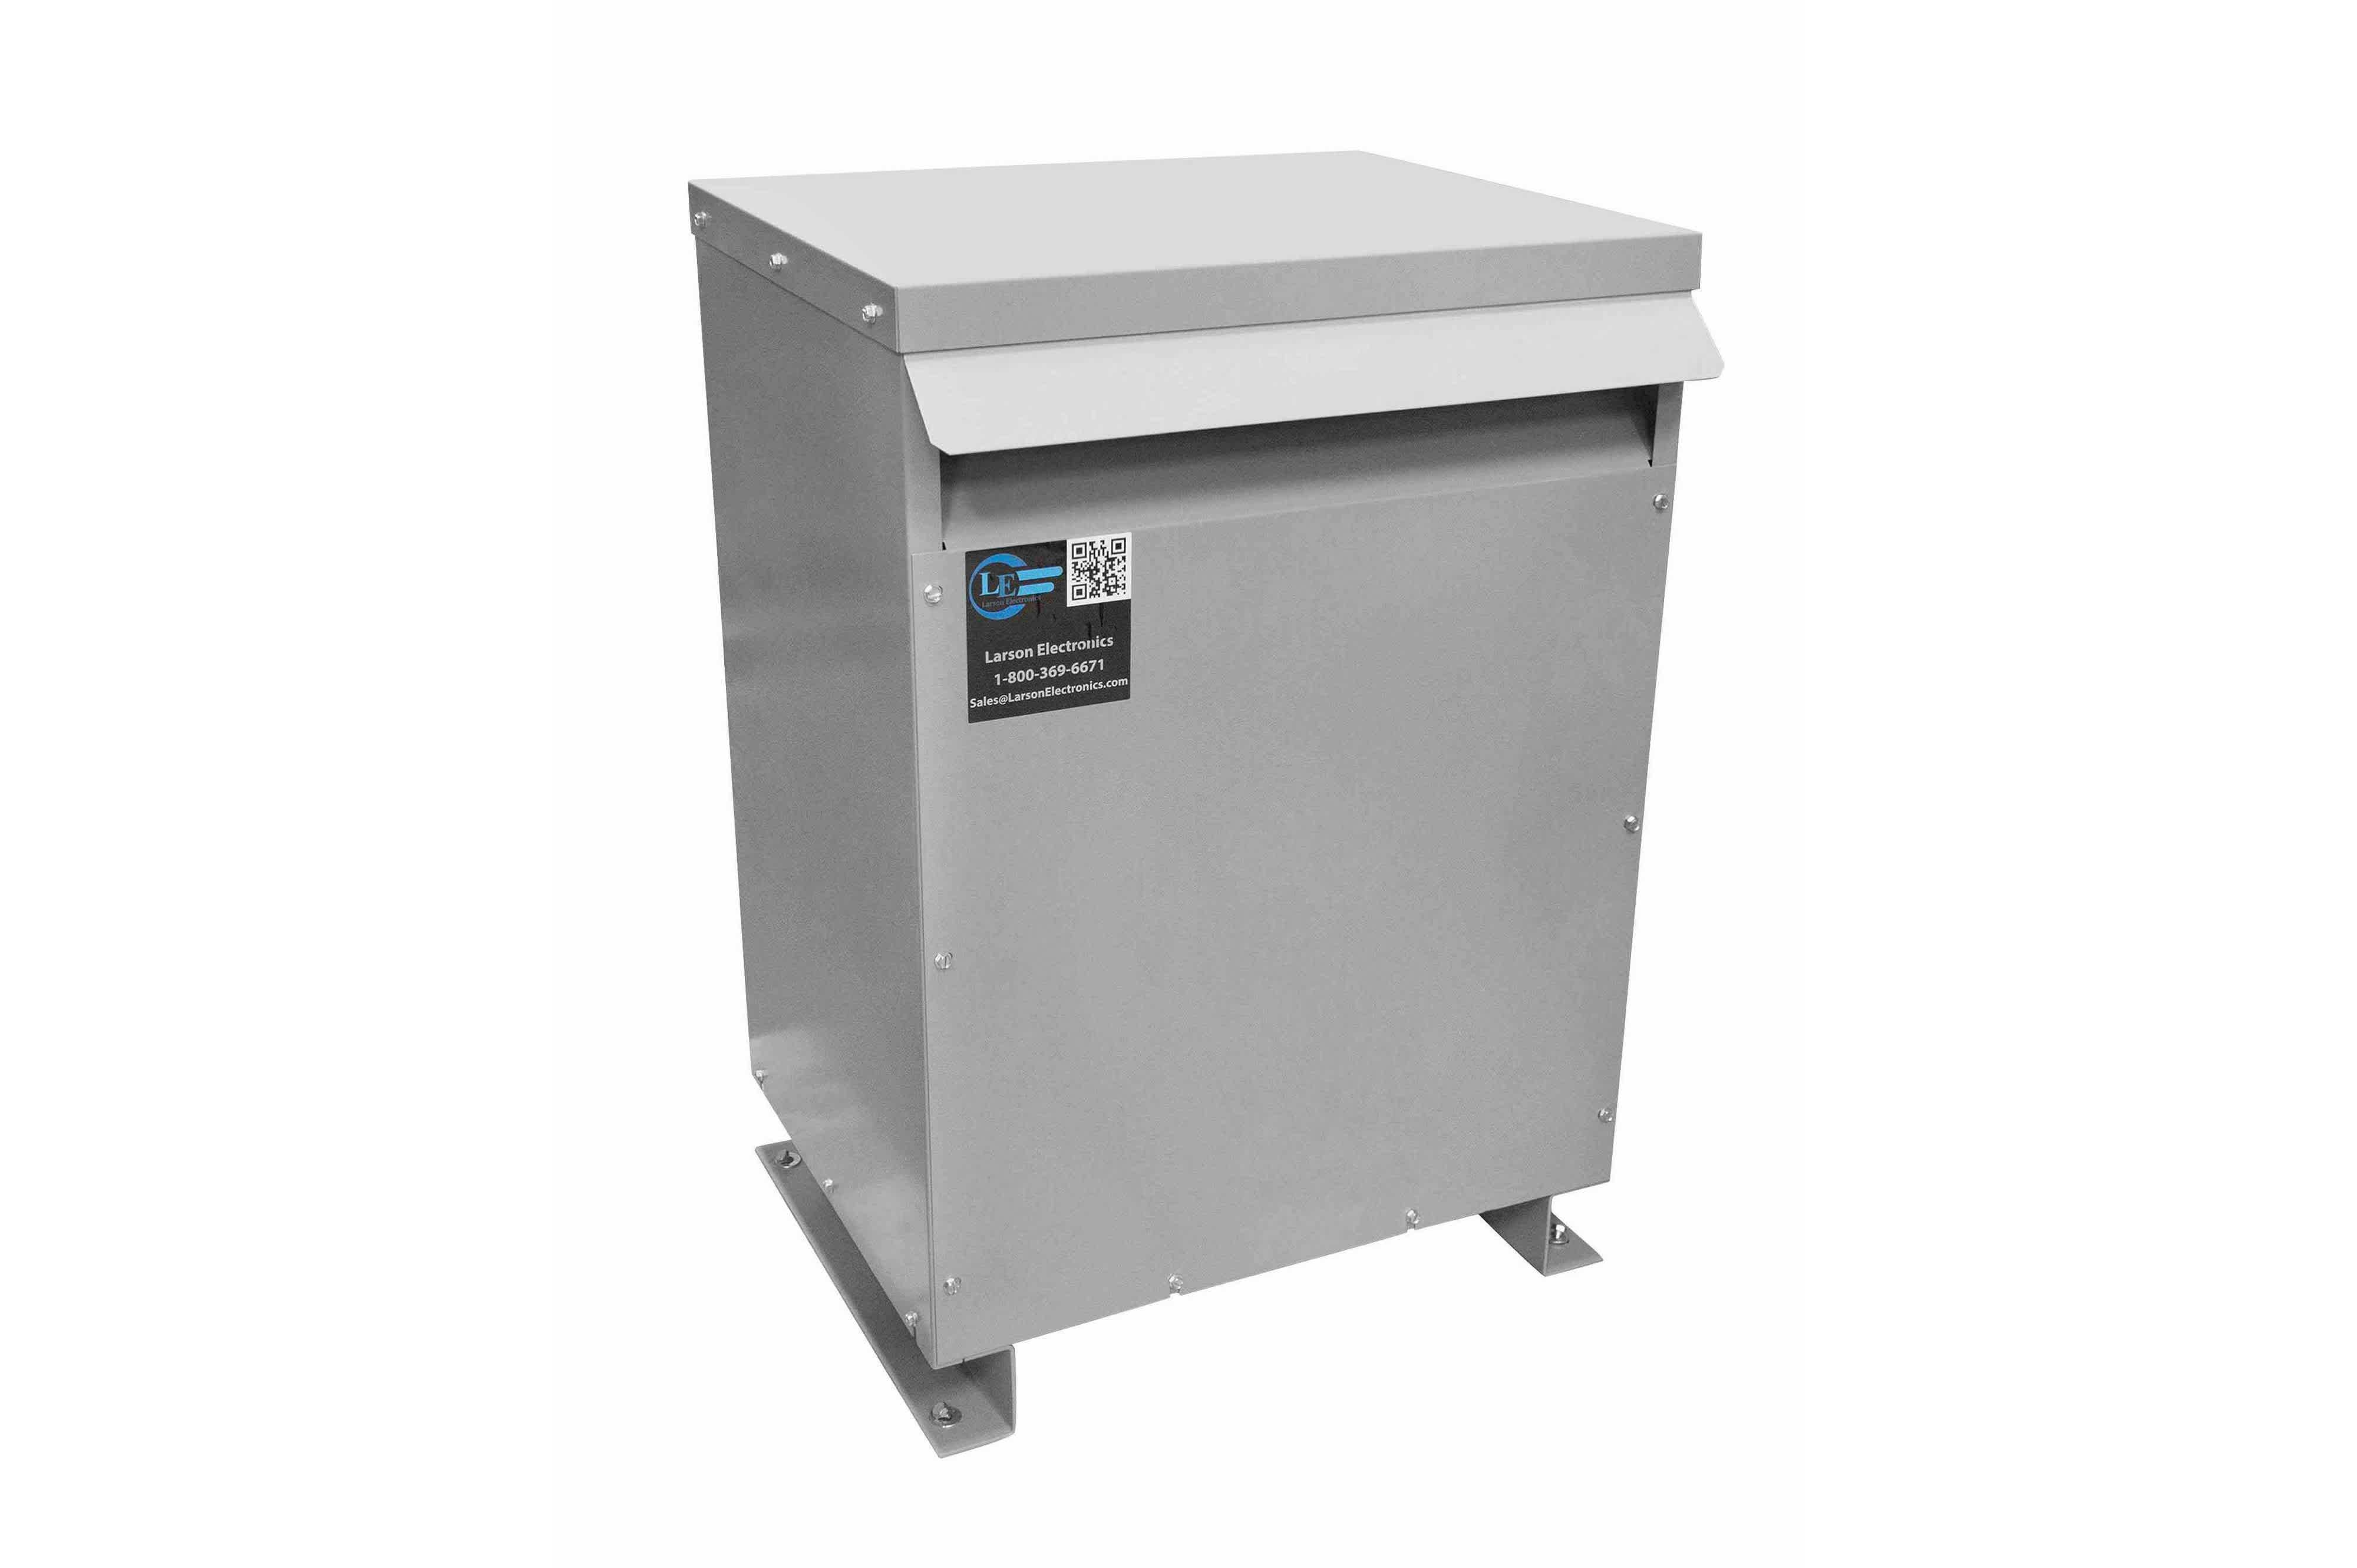 90 kVA 3PH Isolation Transformer, 460V Delta Primary, 240 Delta Secondary, N3R, Ventilated, 60 Hz